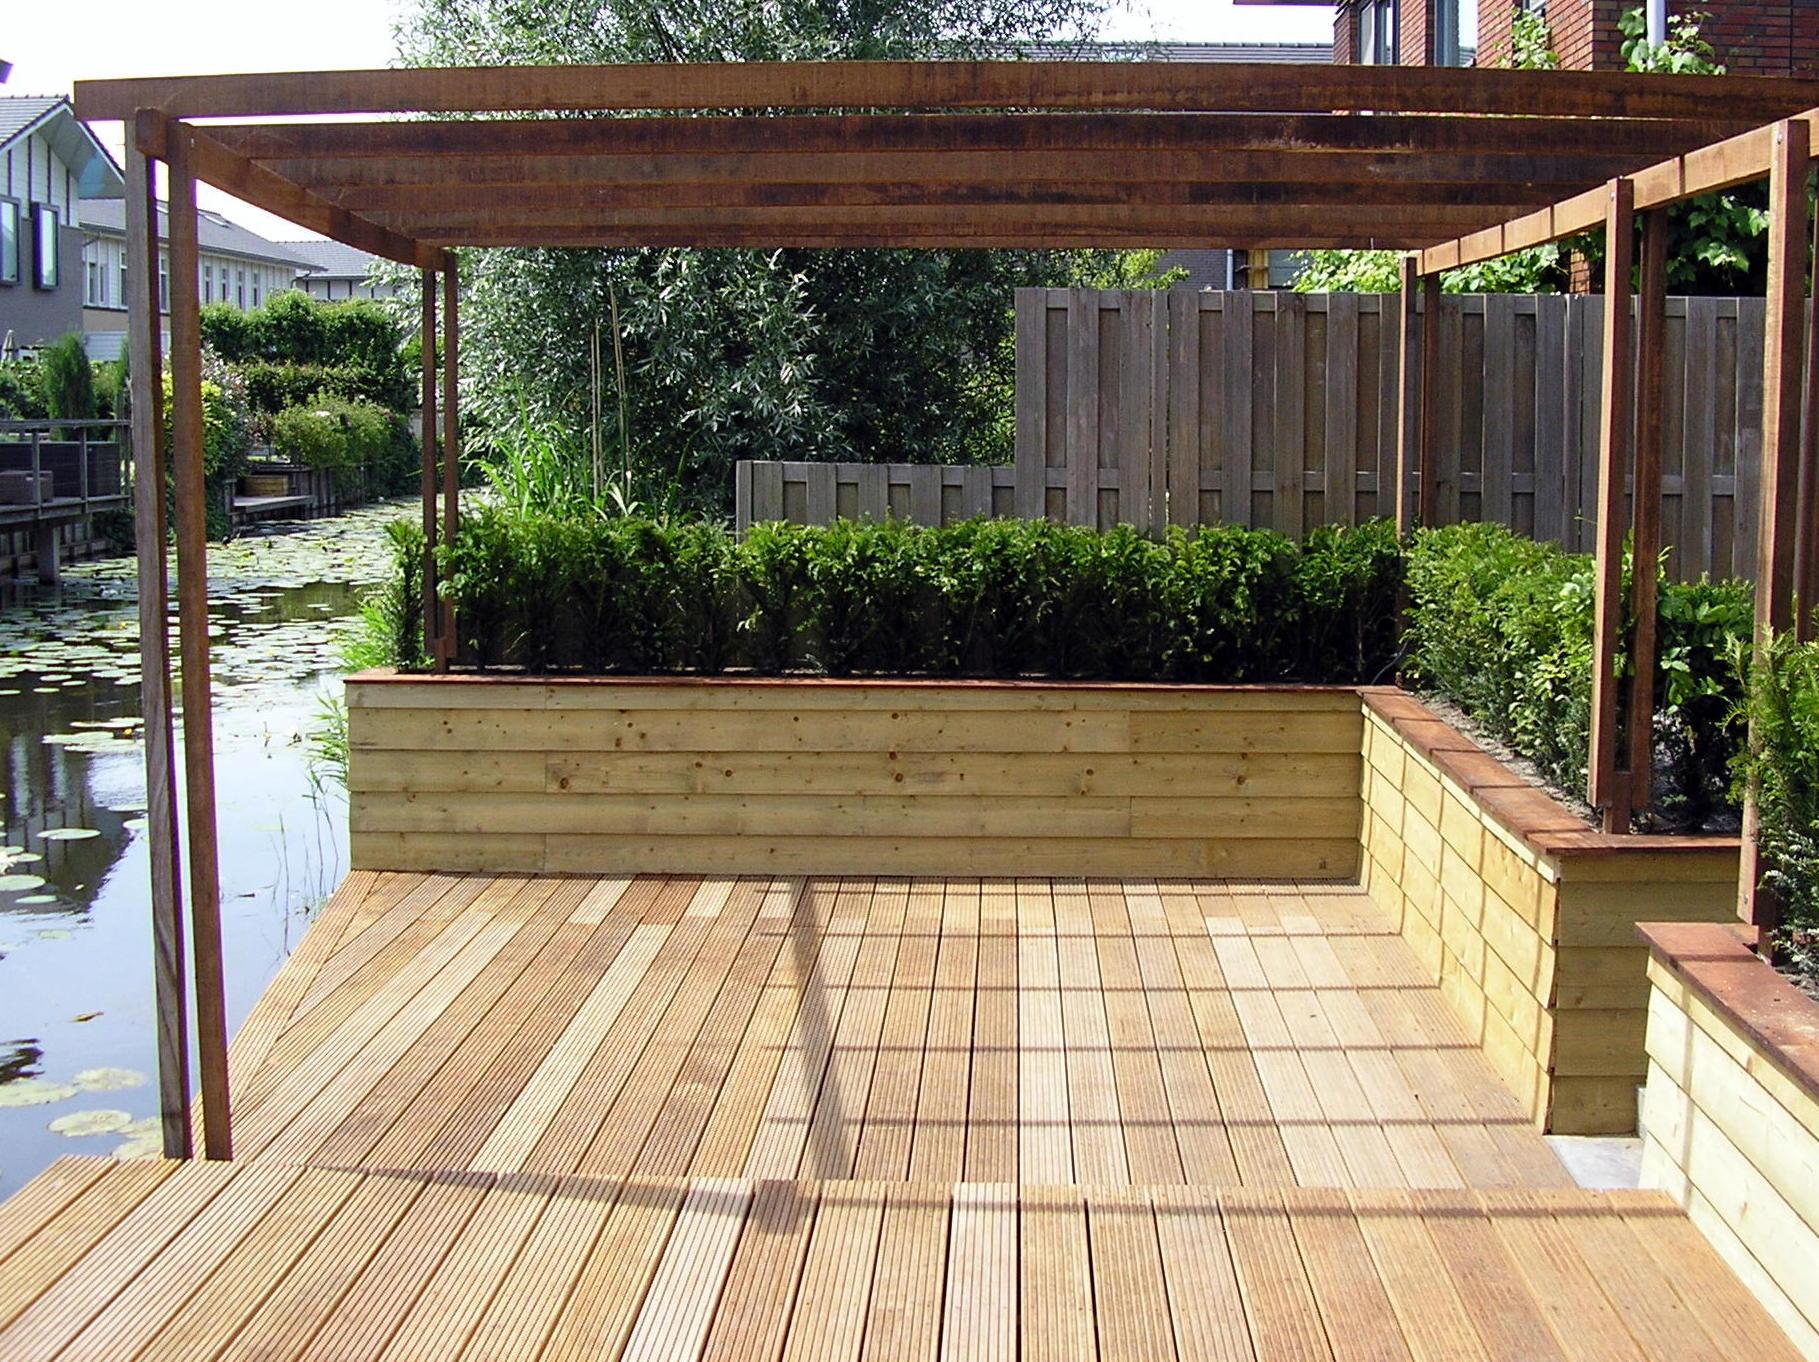 Hpg hoveniers service en kwaliteit voor tuin en compleet